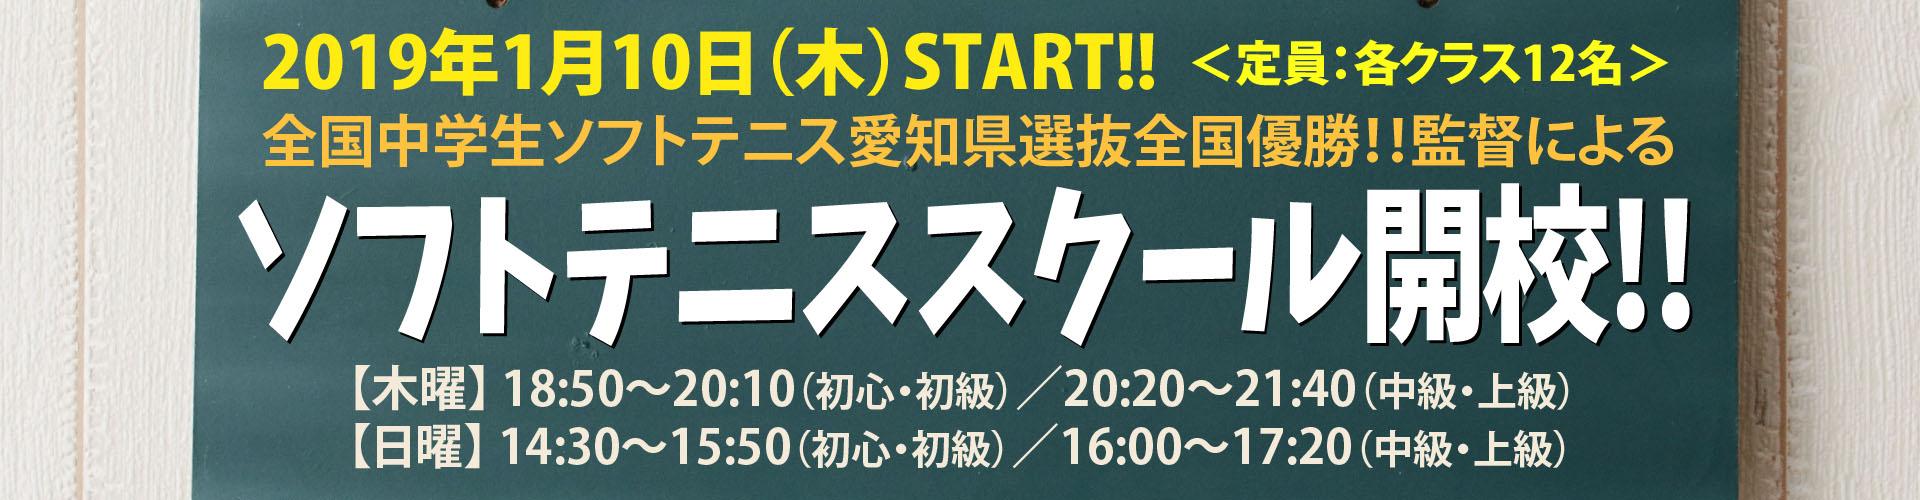 「秋の入会キャンペーン」開催中!